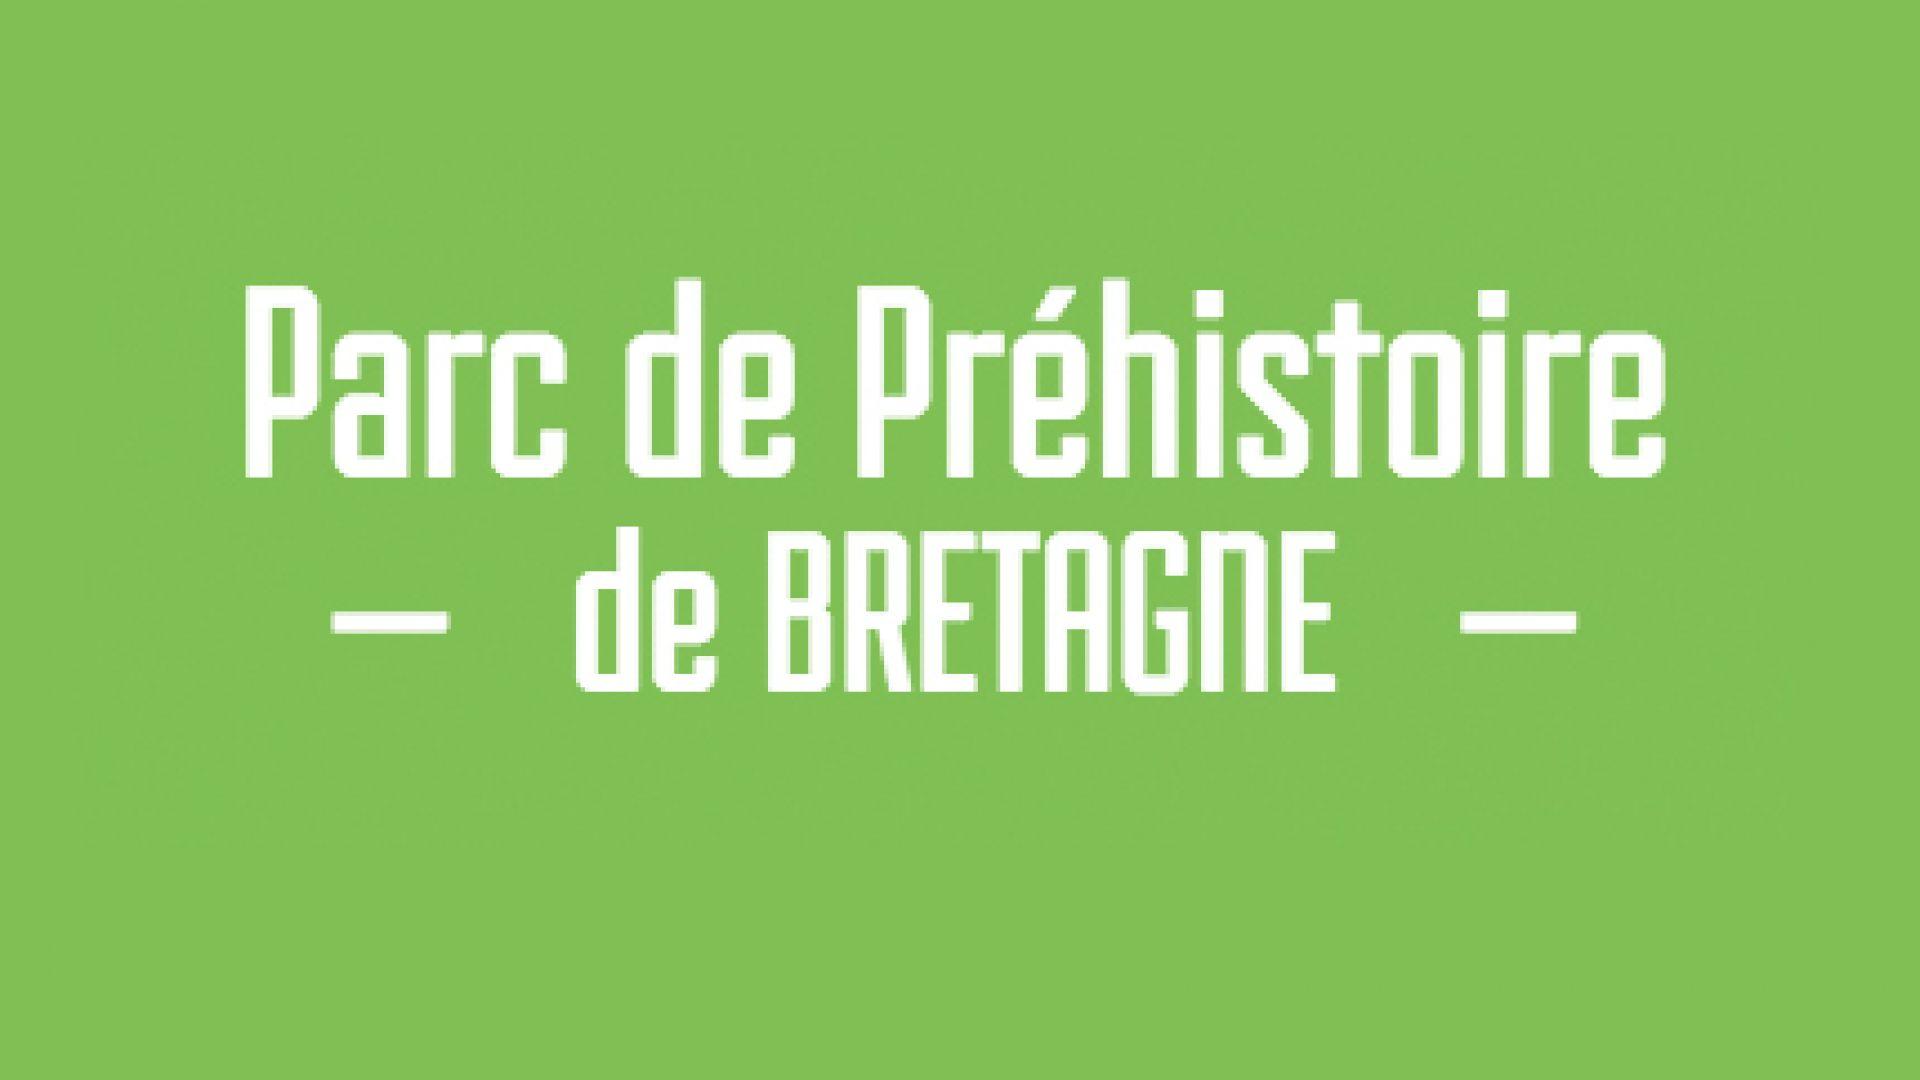 rencontres préhistoriques de bretagne 2021